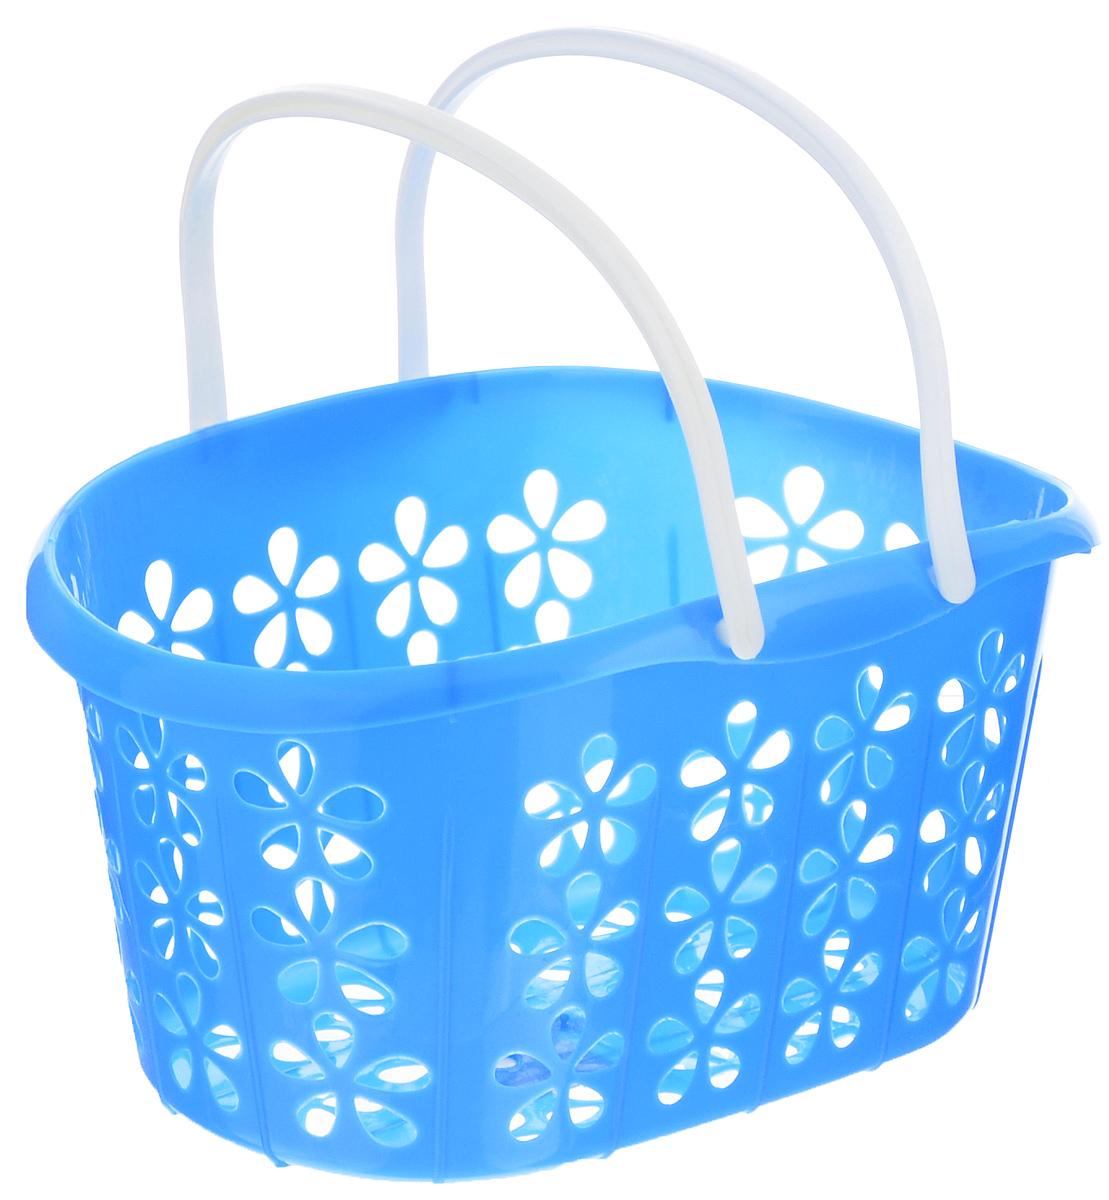 Корзинка Sima-land, с ручками, цвет: голубой, белый, 22,5 х 16,5 х 12 см139077_голубой, белыйКорзинка Sima-land, изготовленная из высококачественного прочного пластика, предназначена для хранения мелочей в ванной, на кухне, даче или гараже. Изделие оснащено двумя удобными складными ручками. Это легкая корзина с оригинальной перфорацией, жесткой кромкой и небольшими отверстиями позволяет хранить вещи в одном месте, исключая возможность их потери.